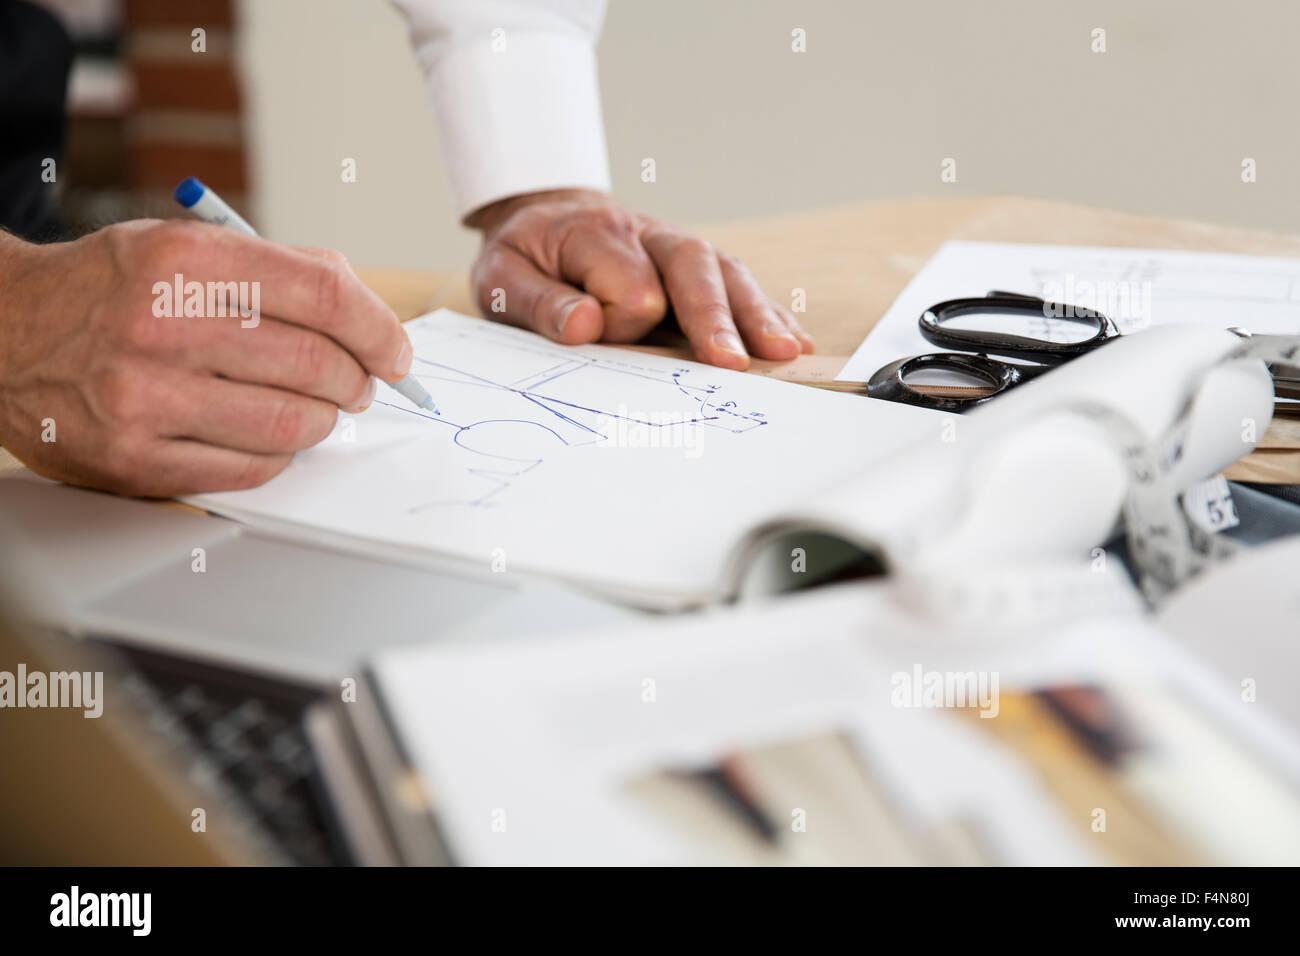 Adattare il disegno degli schemi di taglio Immagini Stock